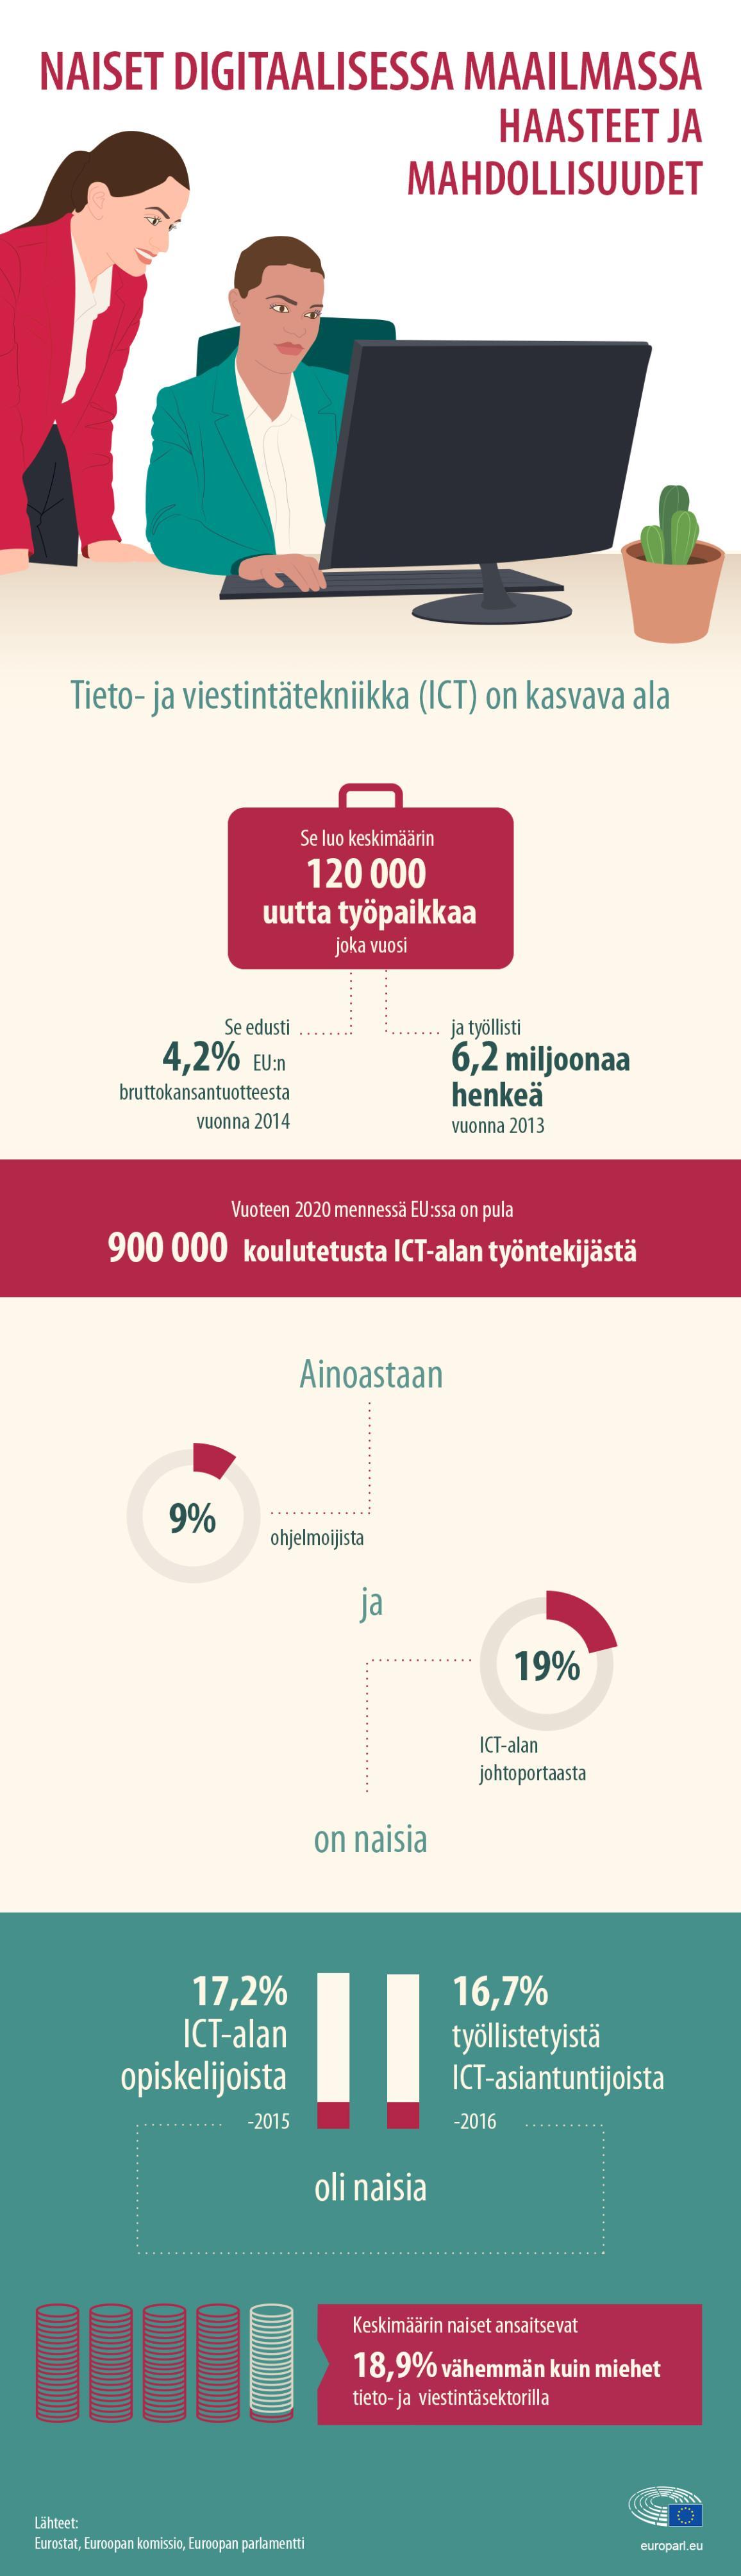 Infografiikka: naiset digitaalisessa maailmassa